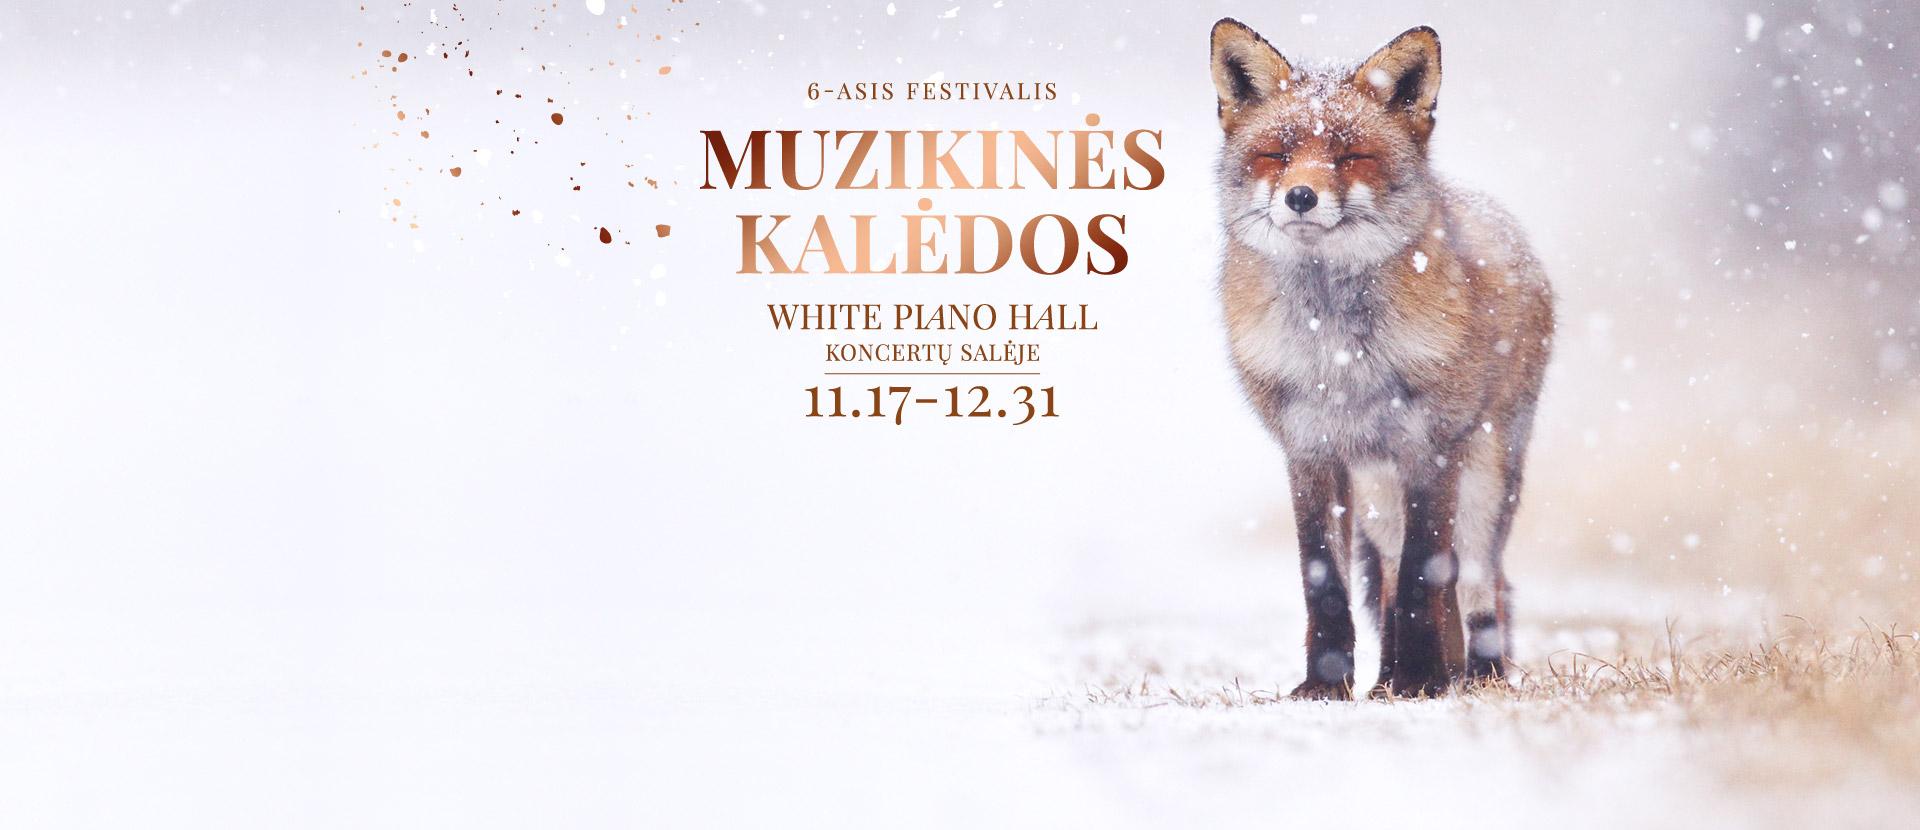 6-ASIS FESTIVALIS MUZIKINĖS KALĖDOS